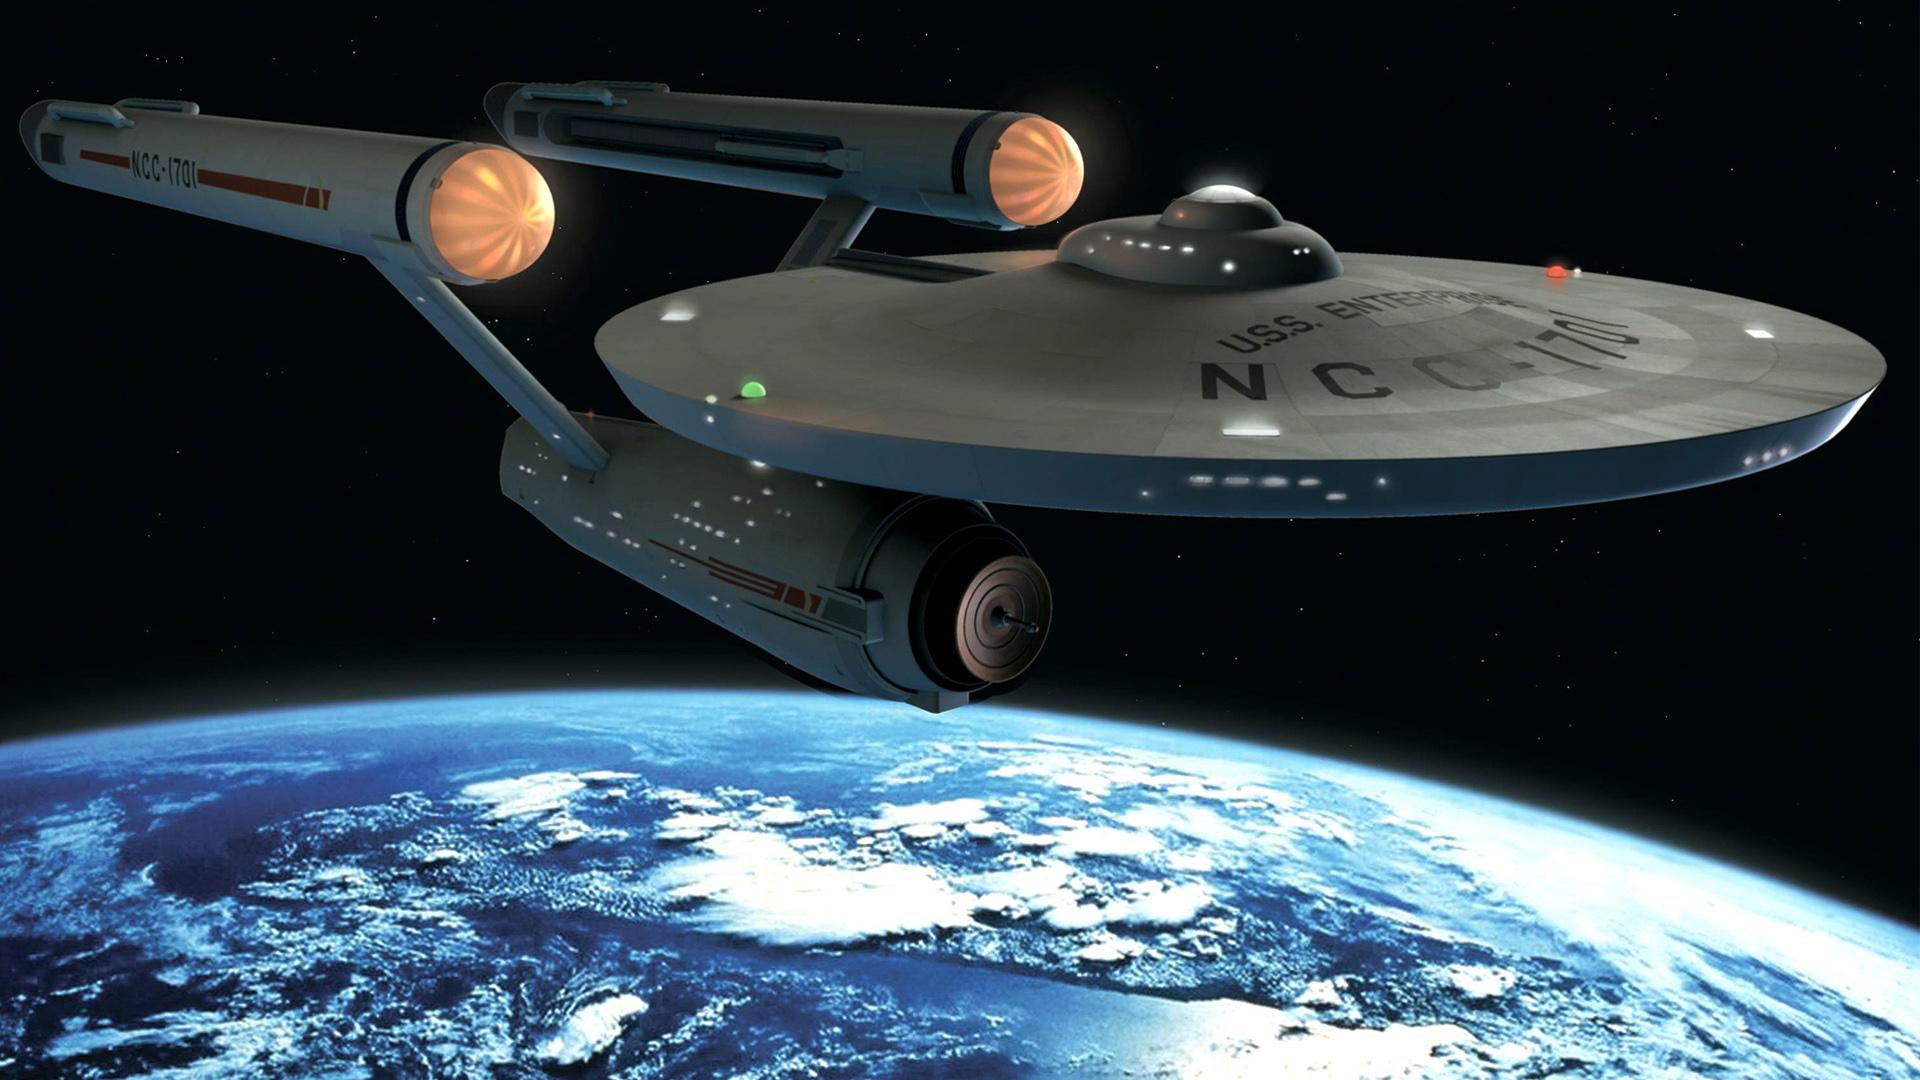 Starfleet Academy - Uss Enterprise Star Trek Painting , HD Wallpaper & Backgrounds